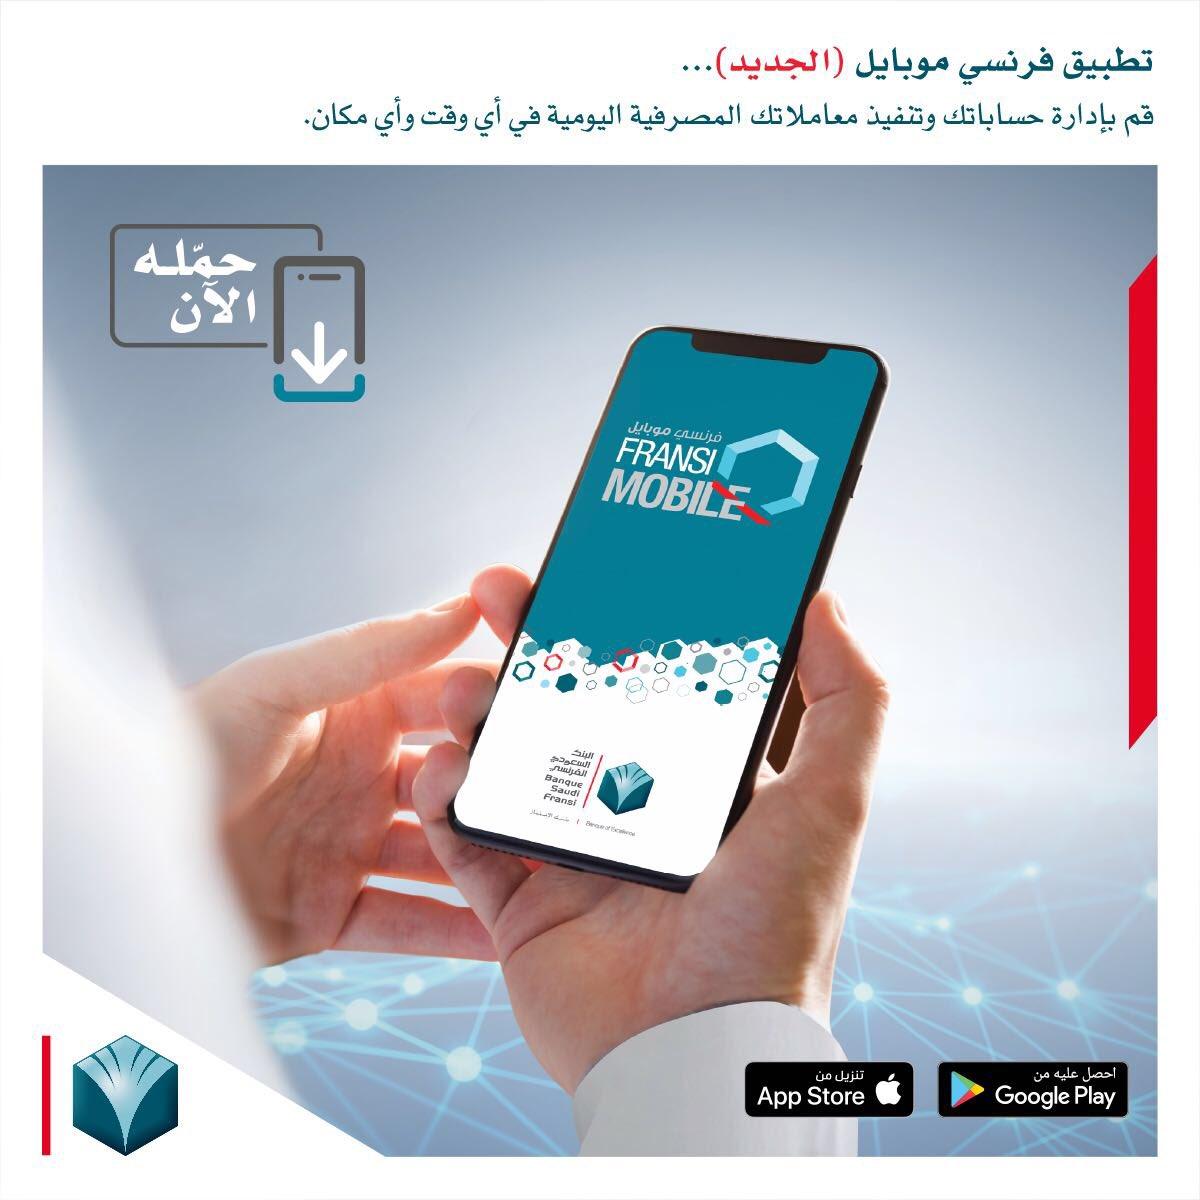 البنك السعودي الفرنسي A Twitter حم ل تطبيق فرنسي موبايل الجديد كليا لتجربة بنكيه مميزة اكثر سهوله وأمان استمتع بالتصميم العصري وخدمات بنكيه أكثر Https T Co Umked5htu7 Https T Co Znb1ztxelv